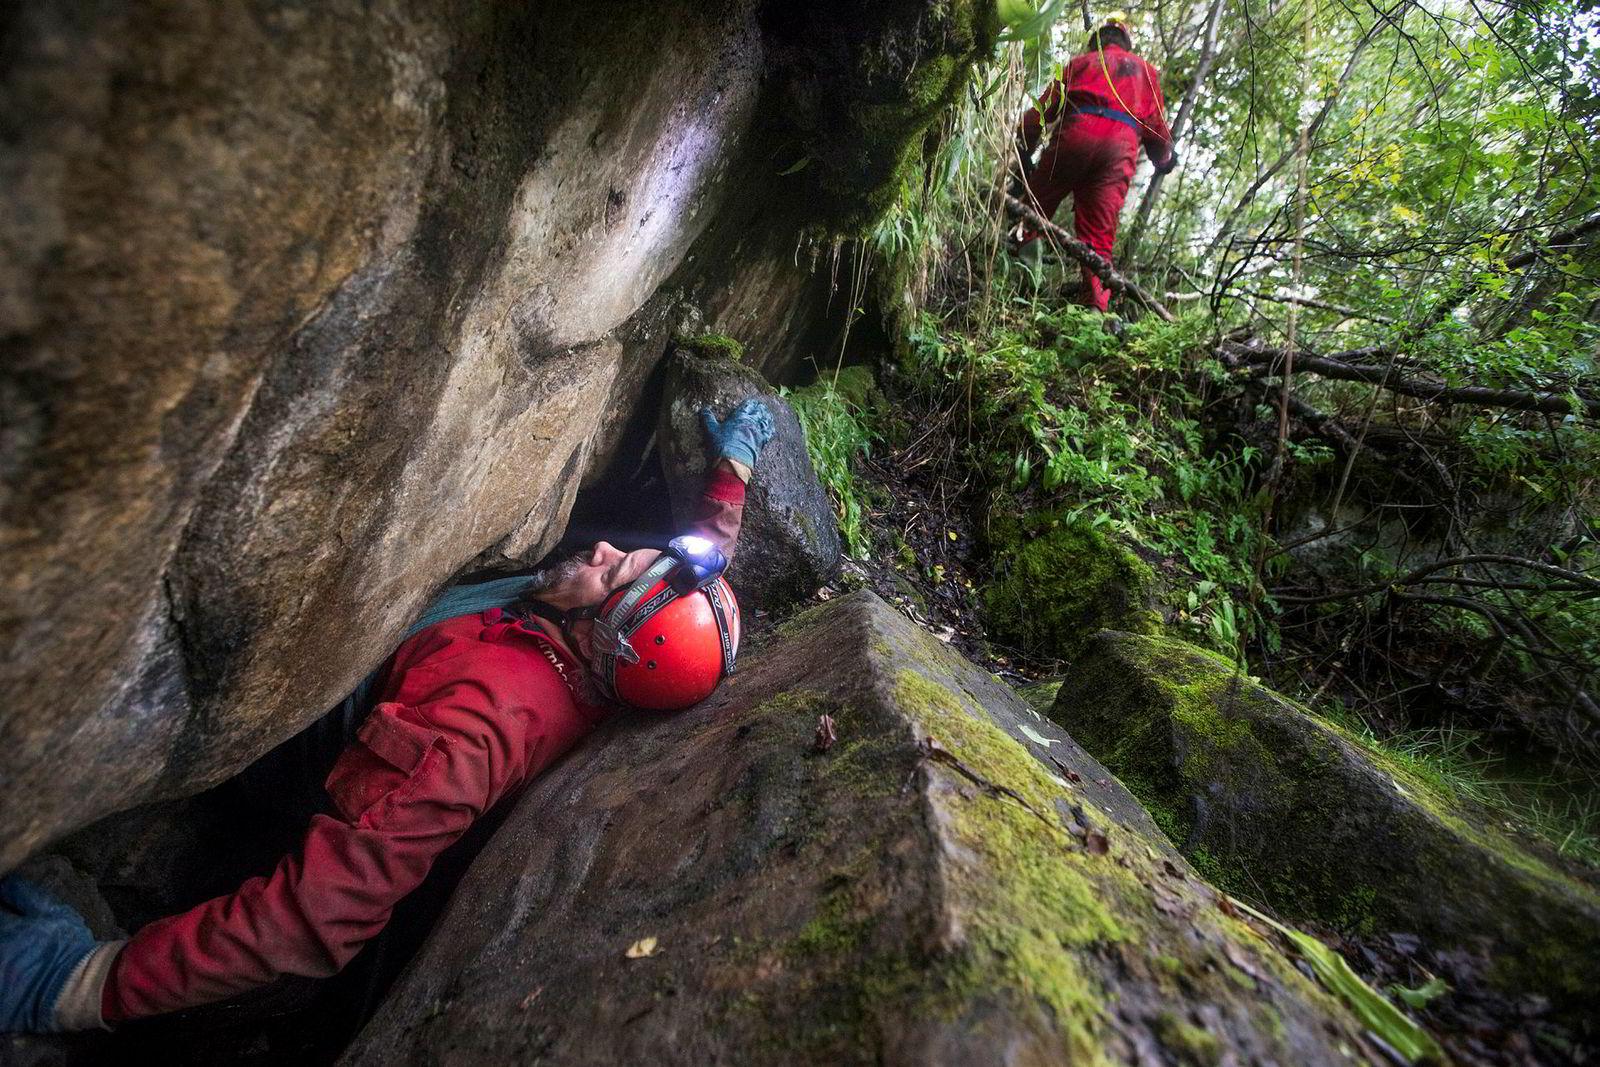 Ulv Holbye drar seg selv ut gjennom åpningen av hulen. David St. Pierre allerede ute.